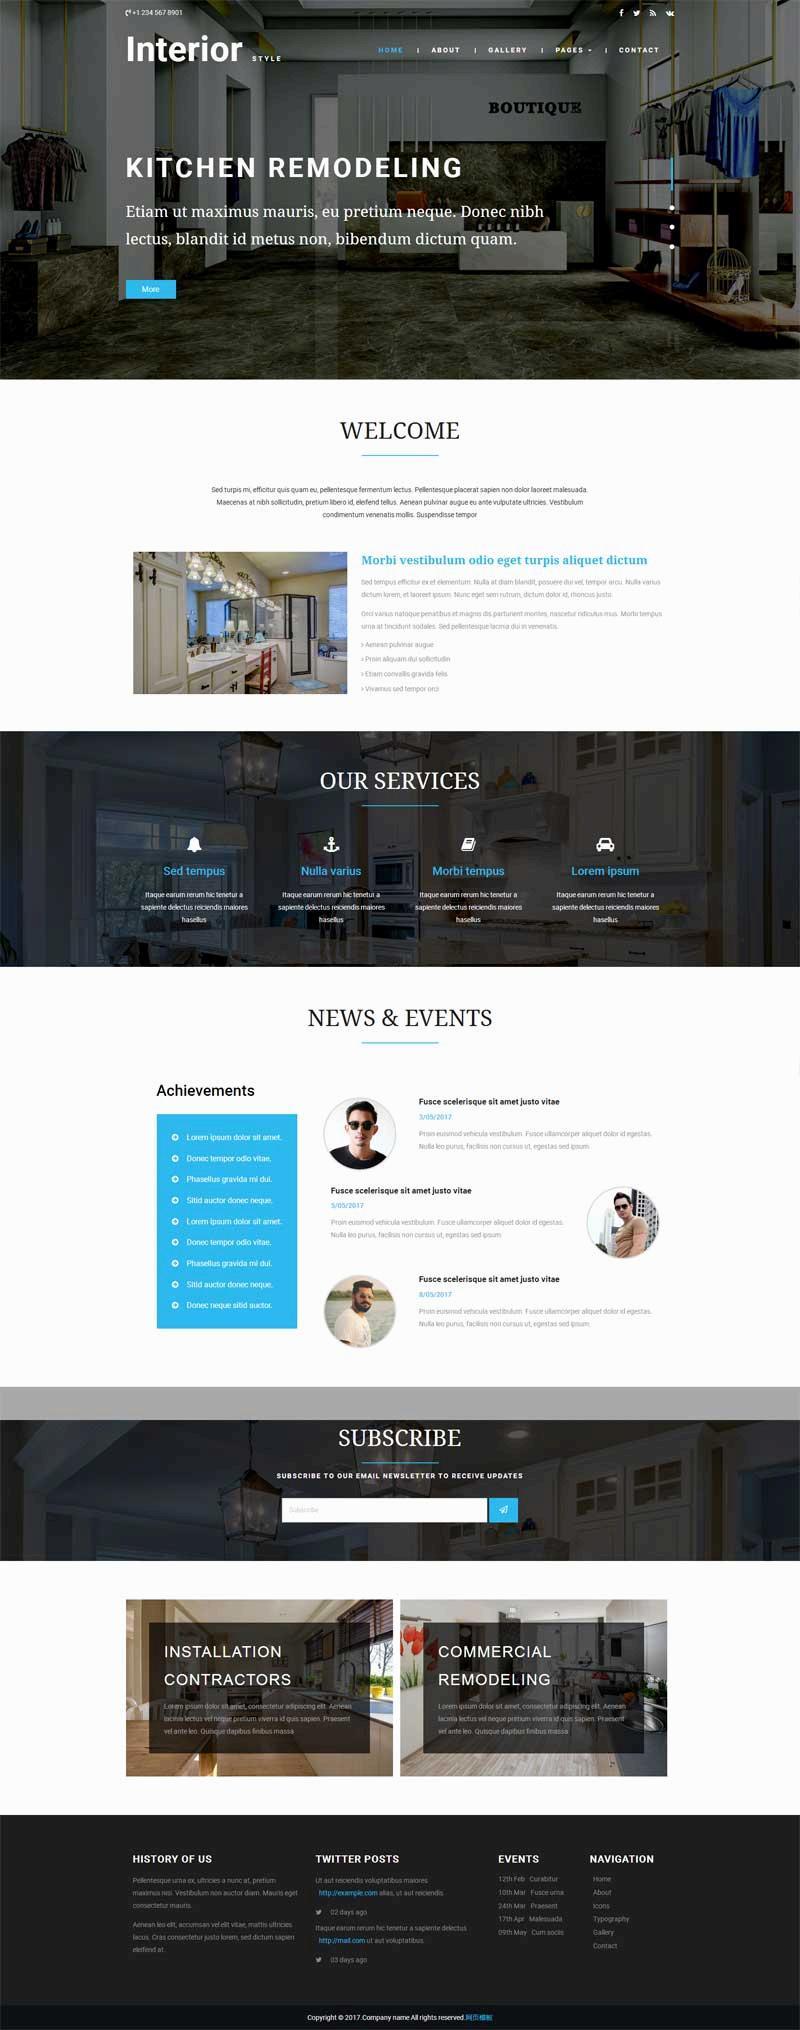 大气的室内家居装修设计企业模板html下载